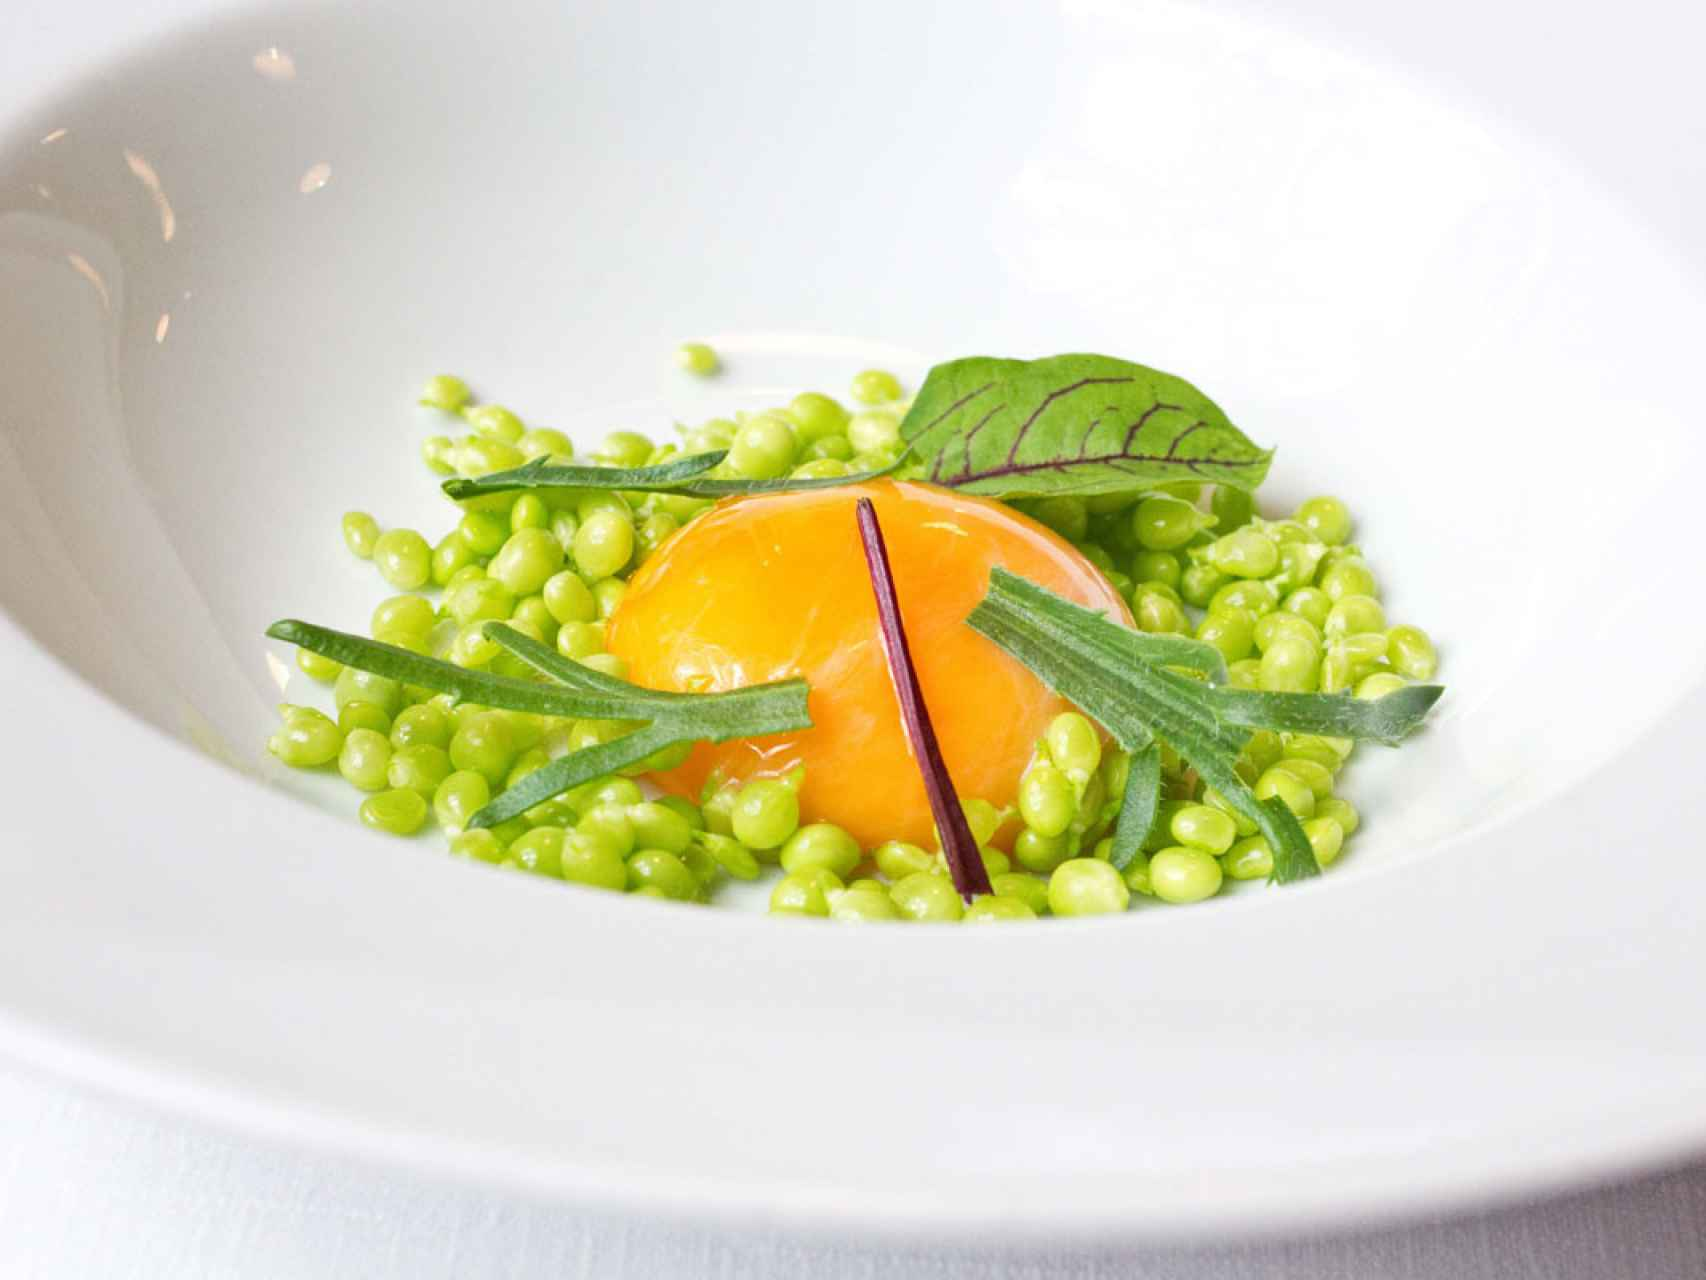 Uno de los platos de Marcano.